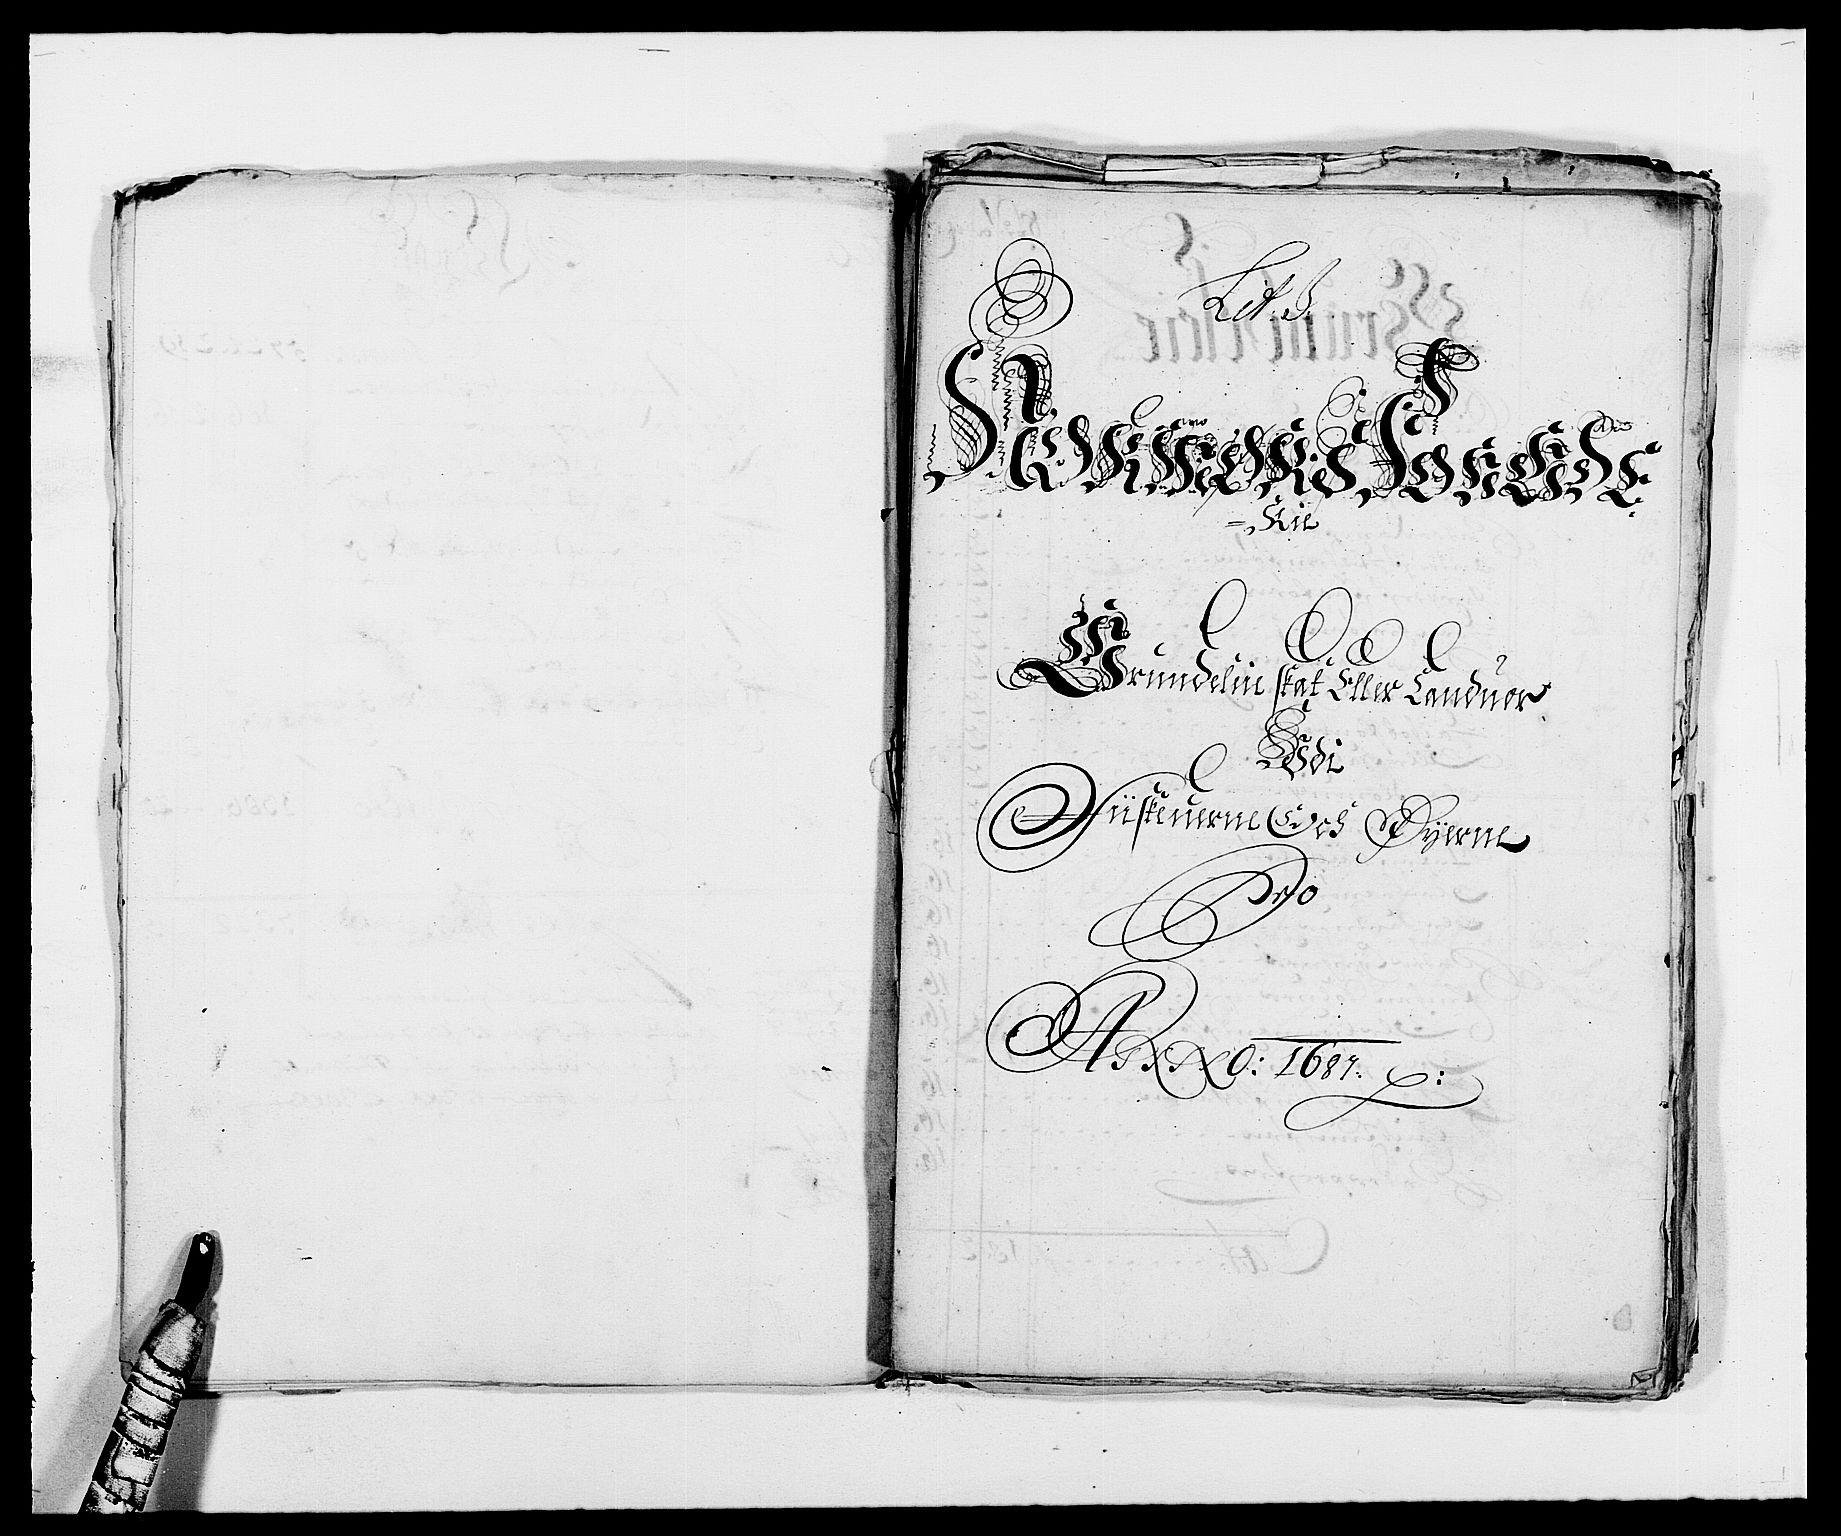 RA, Rentekammeret inntil 1814, Reviderte regnskaper, Fogderegnskap, R56/L3733: Fogderegnskap Nordmøre, 1687-1689, s. 89